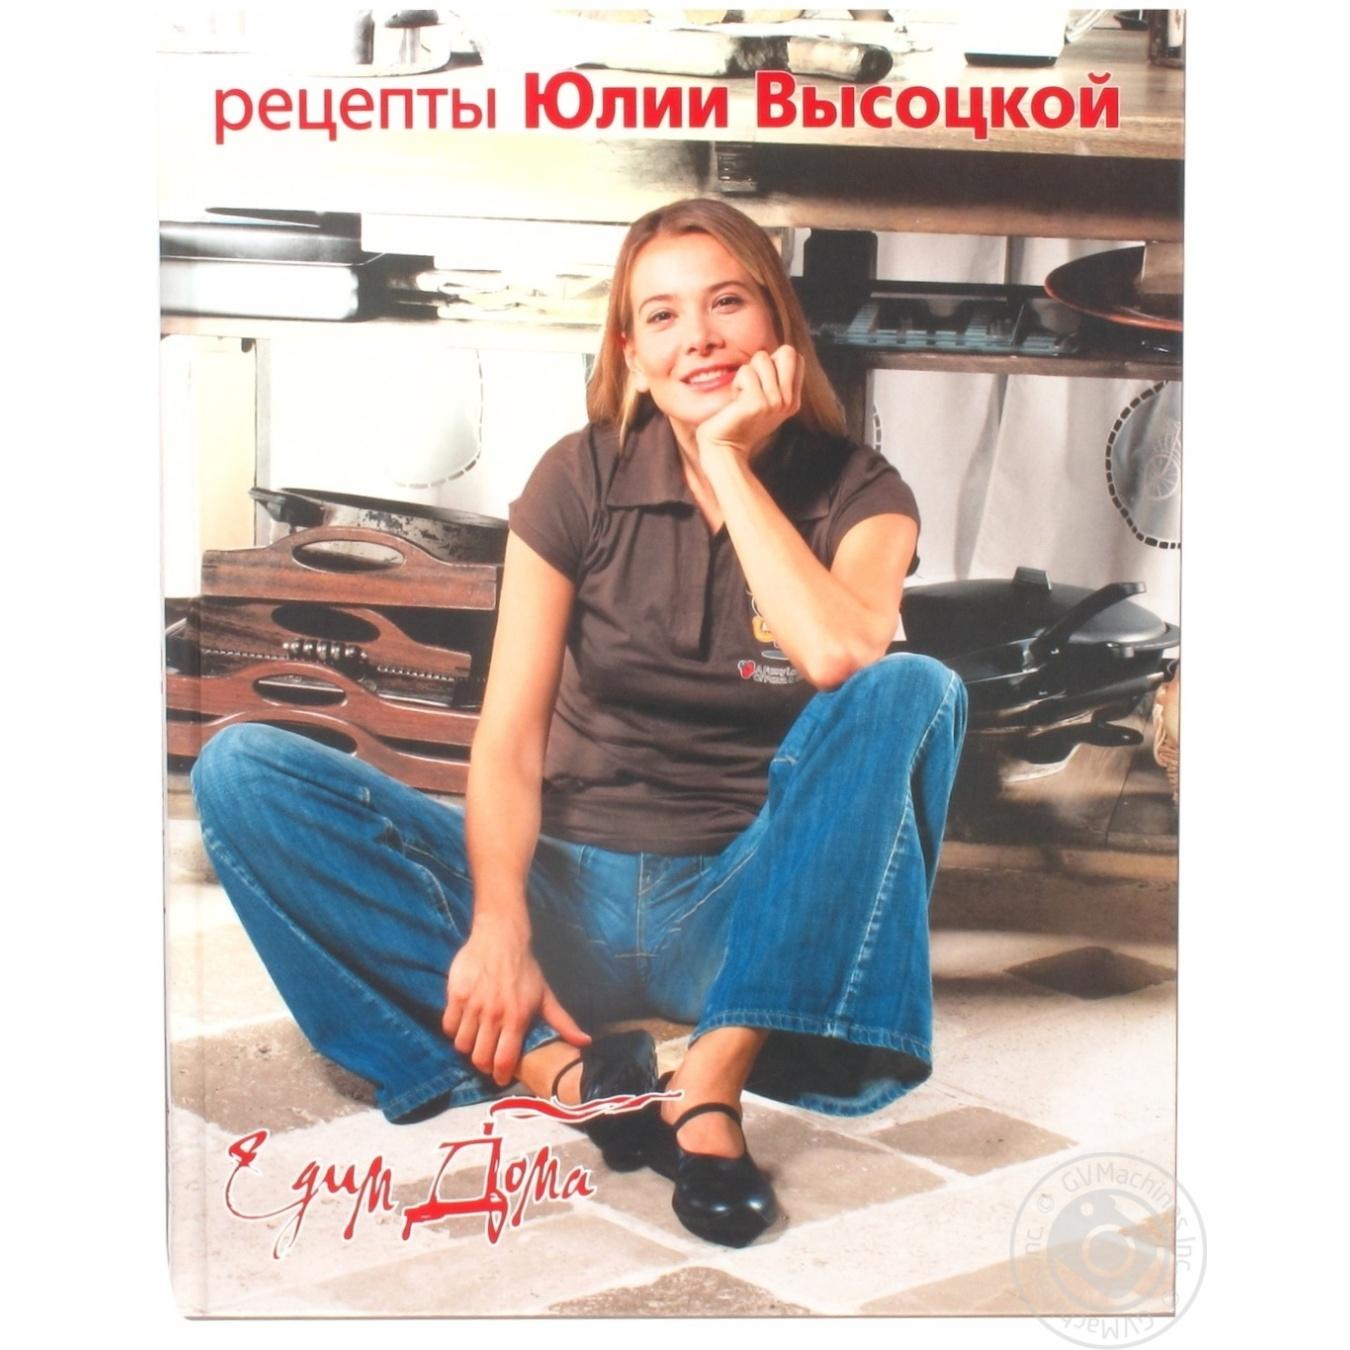 Юлия высоцкая едим дома книги скачать